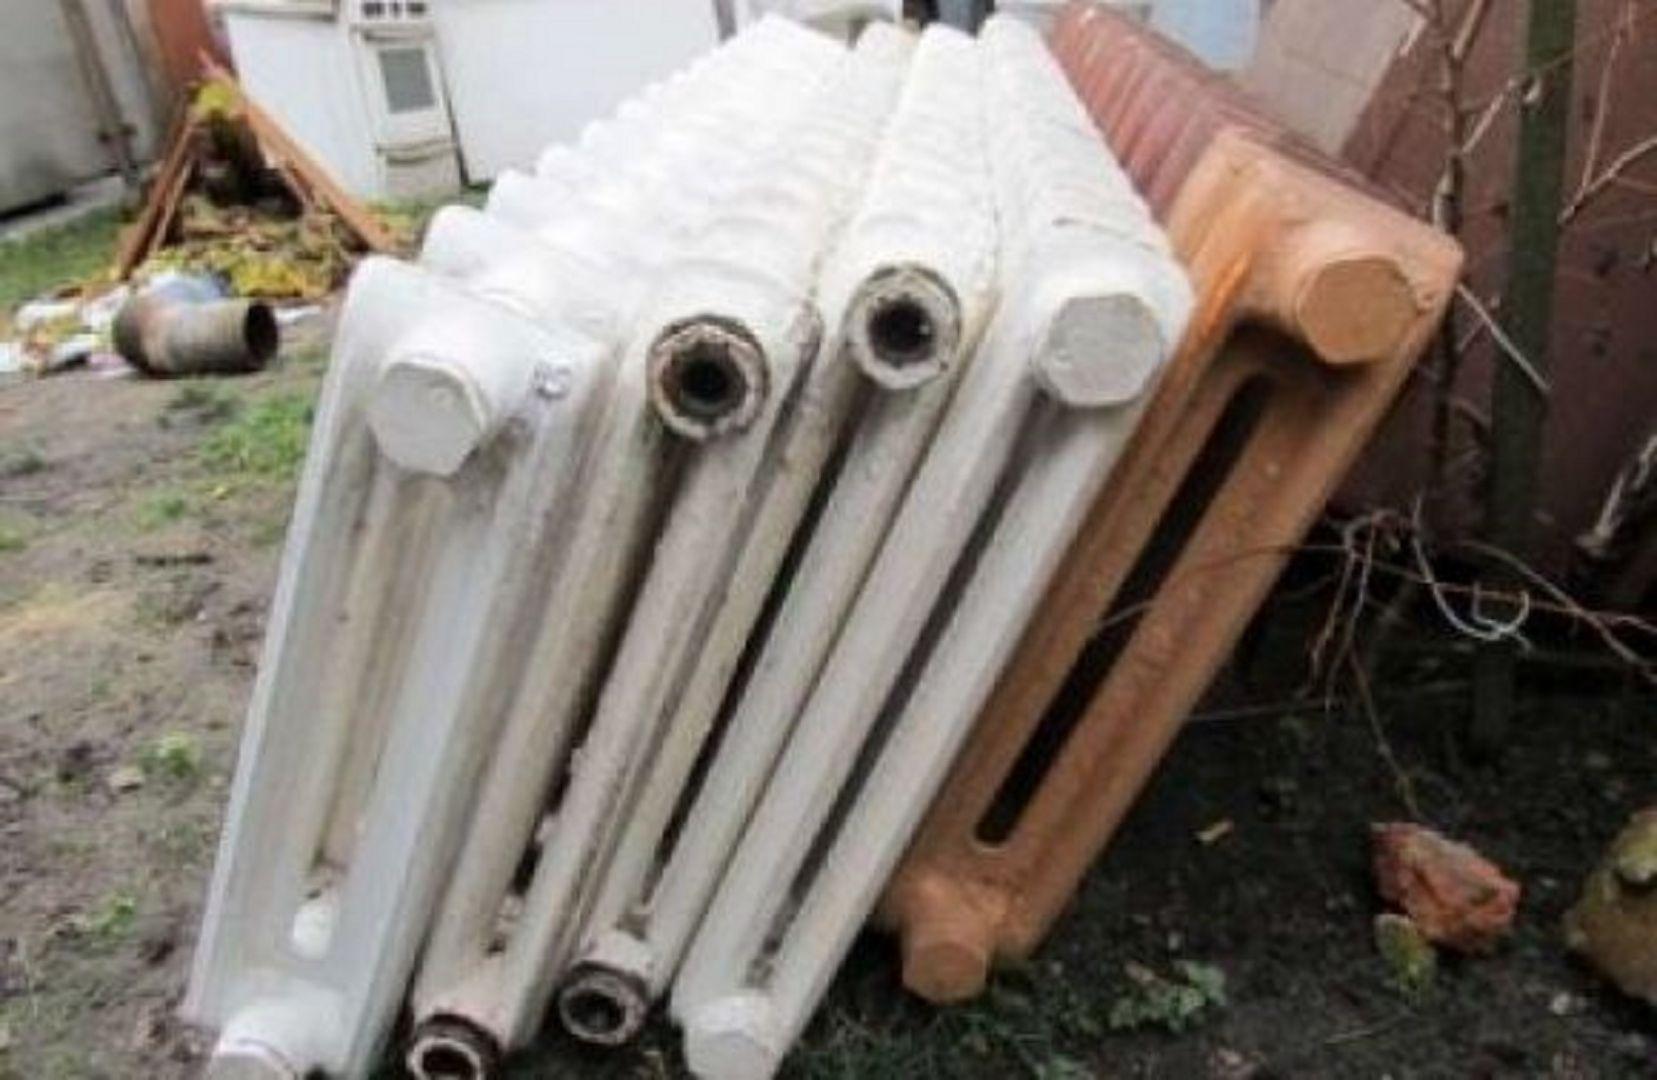 Рецидивисты воровали отопительные приборы из строящихся домов и квартир на Ставрополье